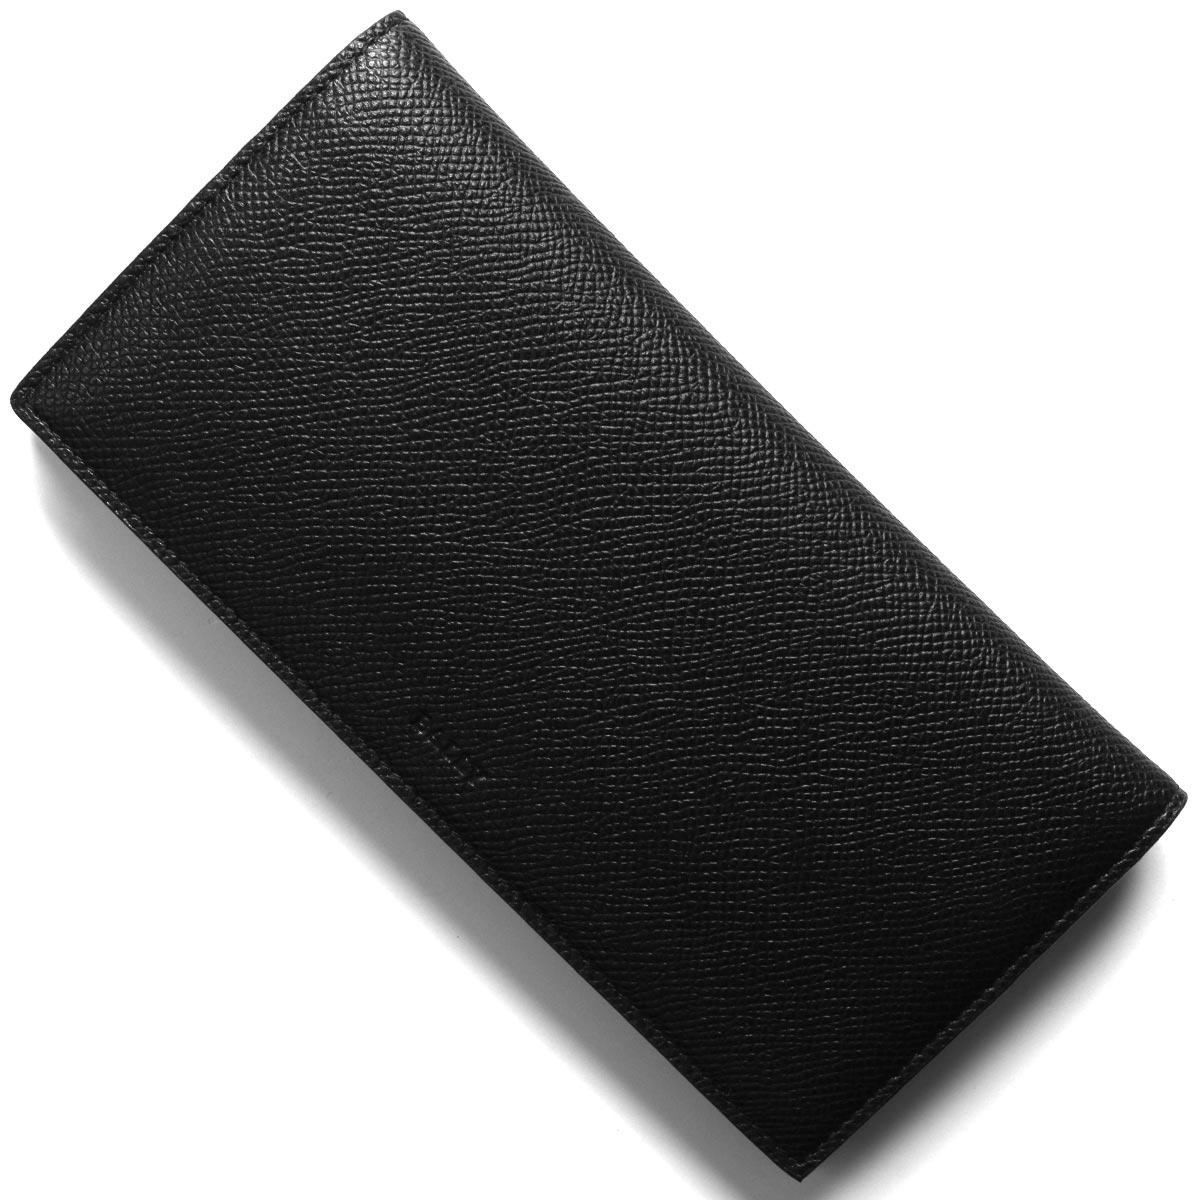 バリー 長財布 財布 メンズ ブリゴ ブラック BRIGO B 216 6205281 BALLY